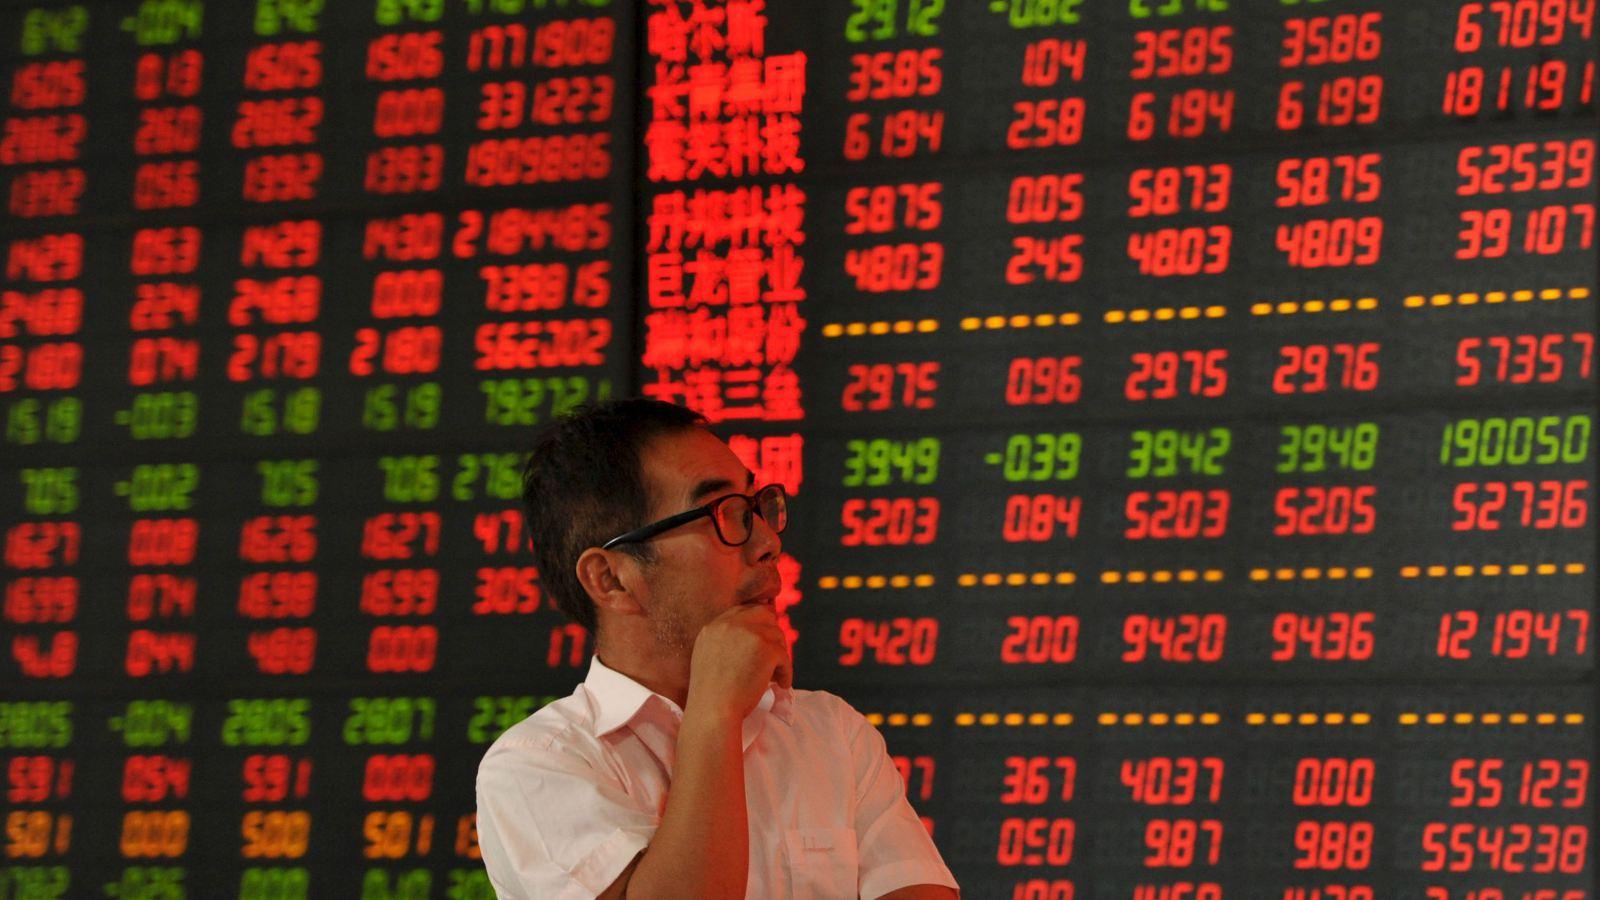 البورصة الصينية تهبط قبل الاغلاق